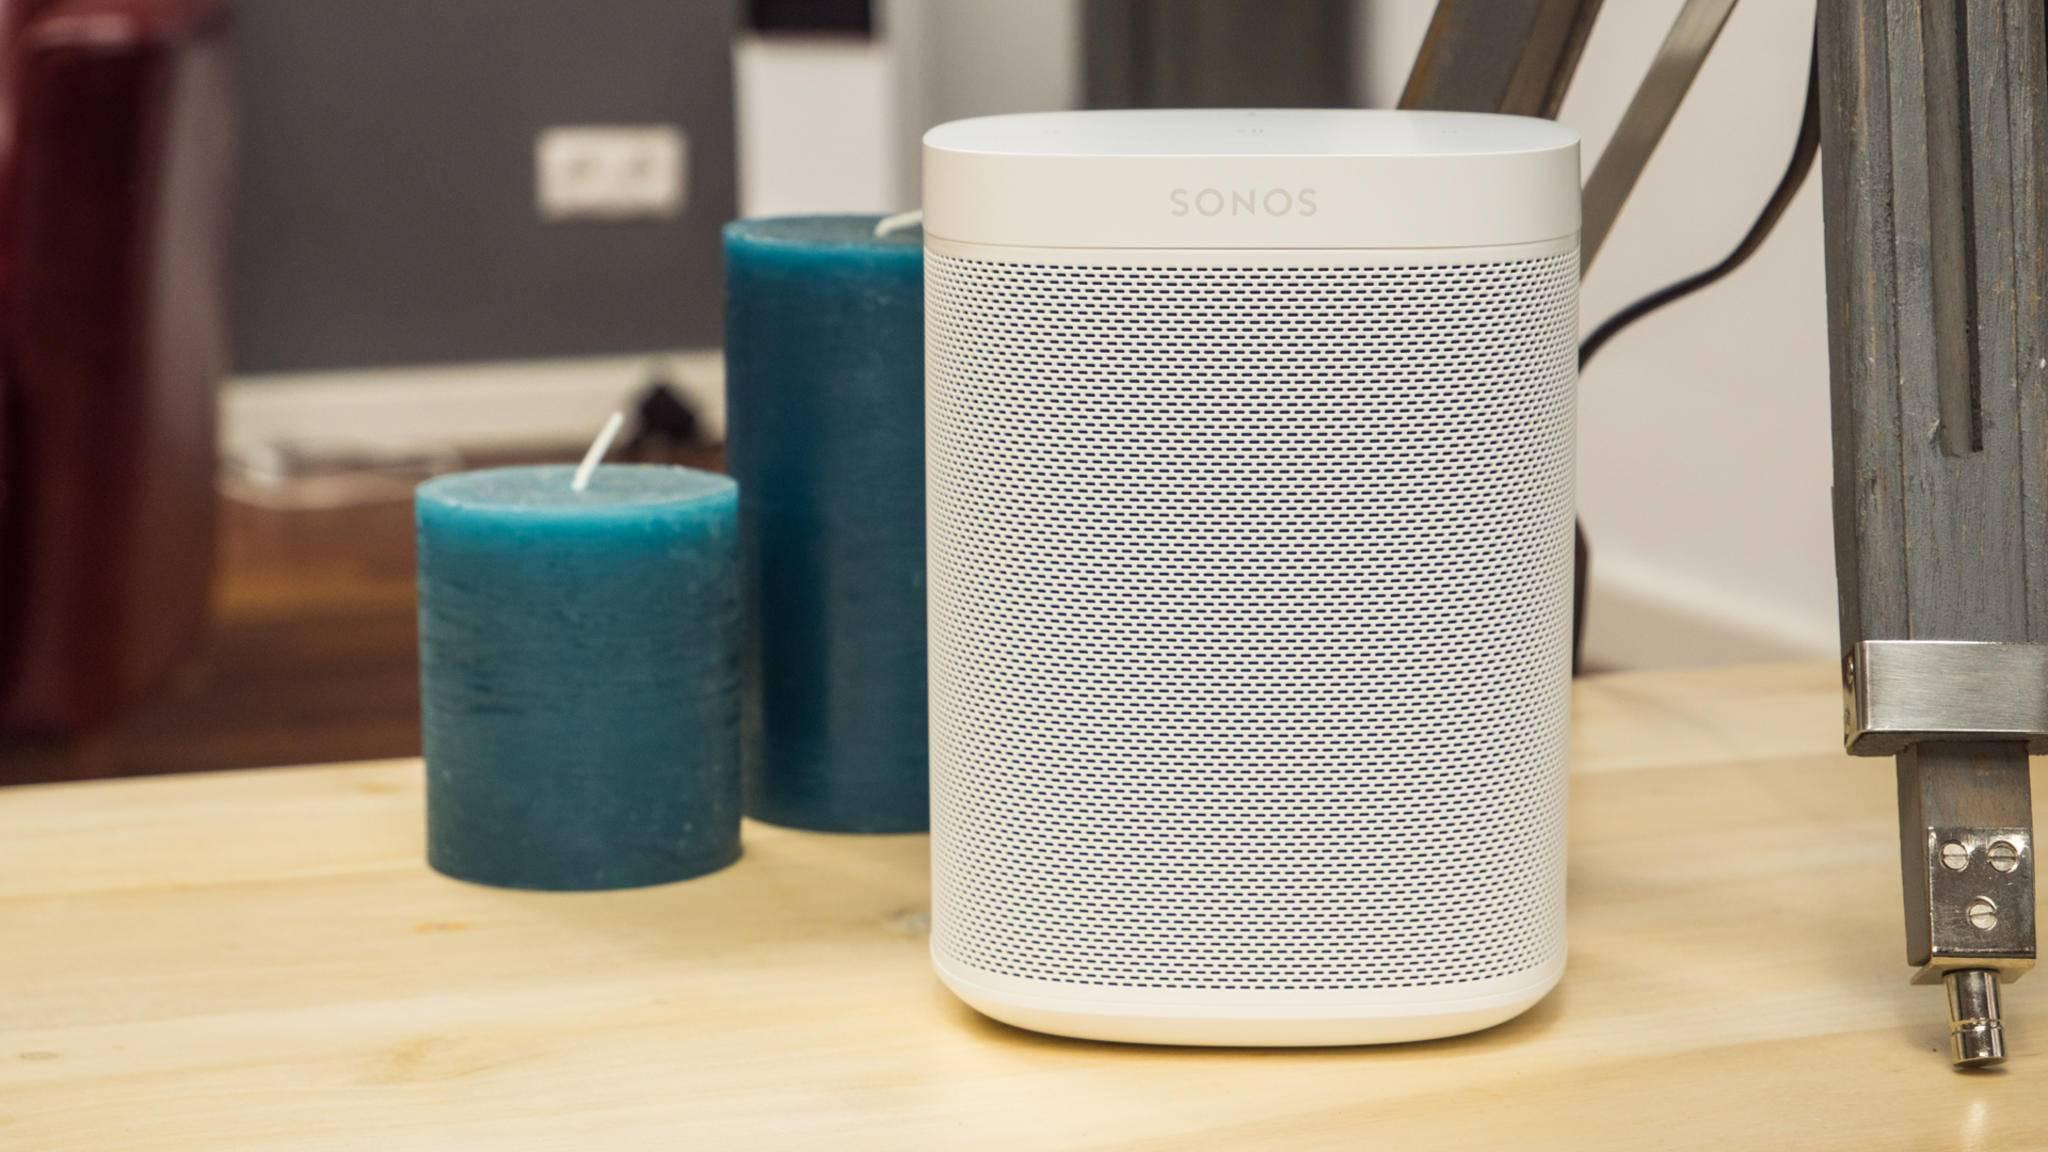 Wird per Update fit für den neuen AirPlay-2-Standard gemacht: der Sonos One.